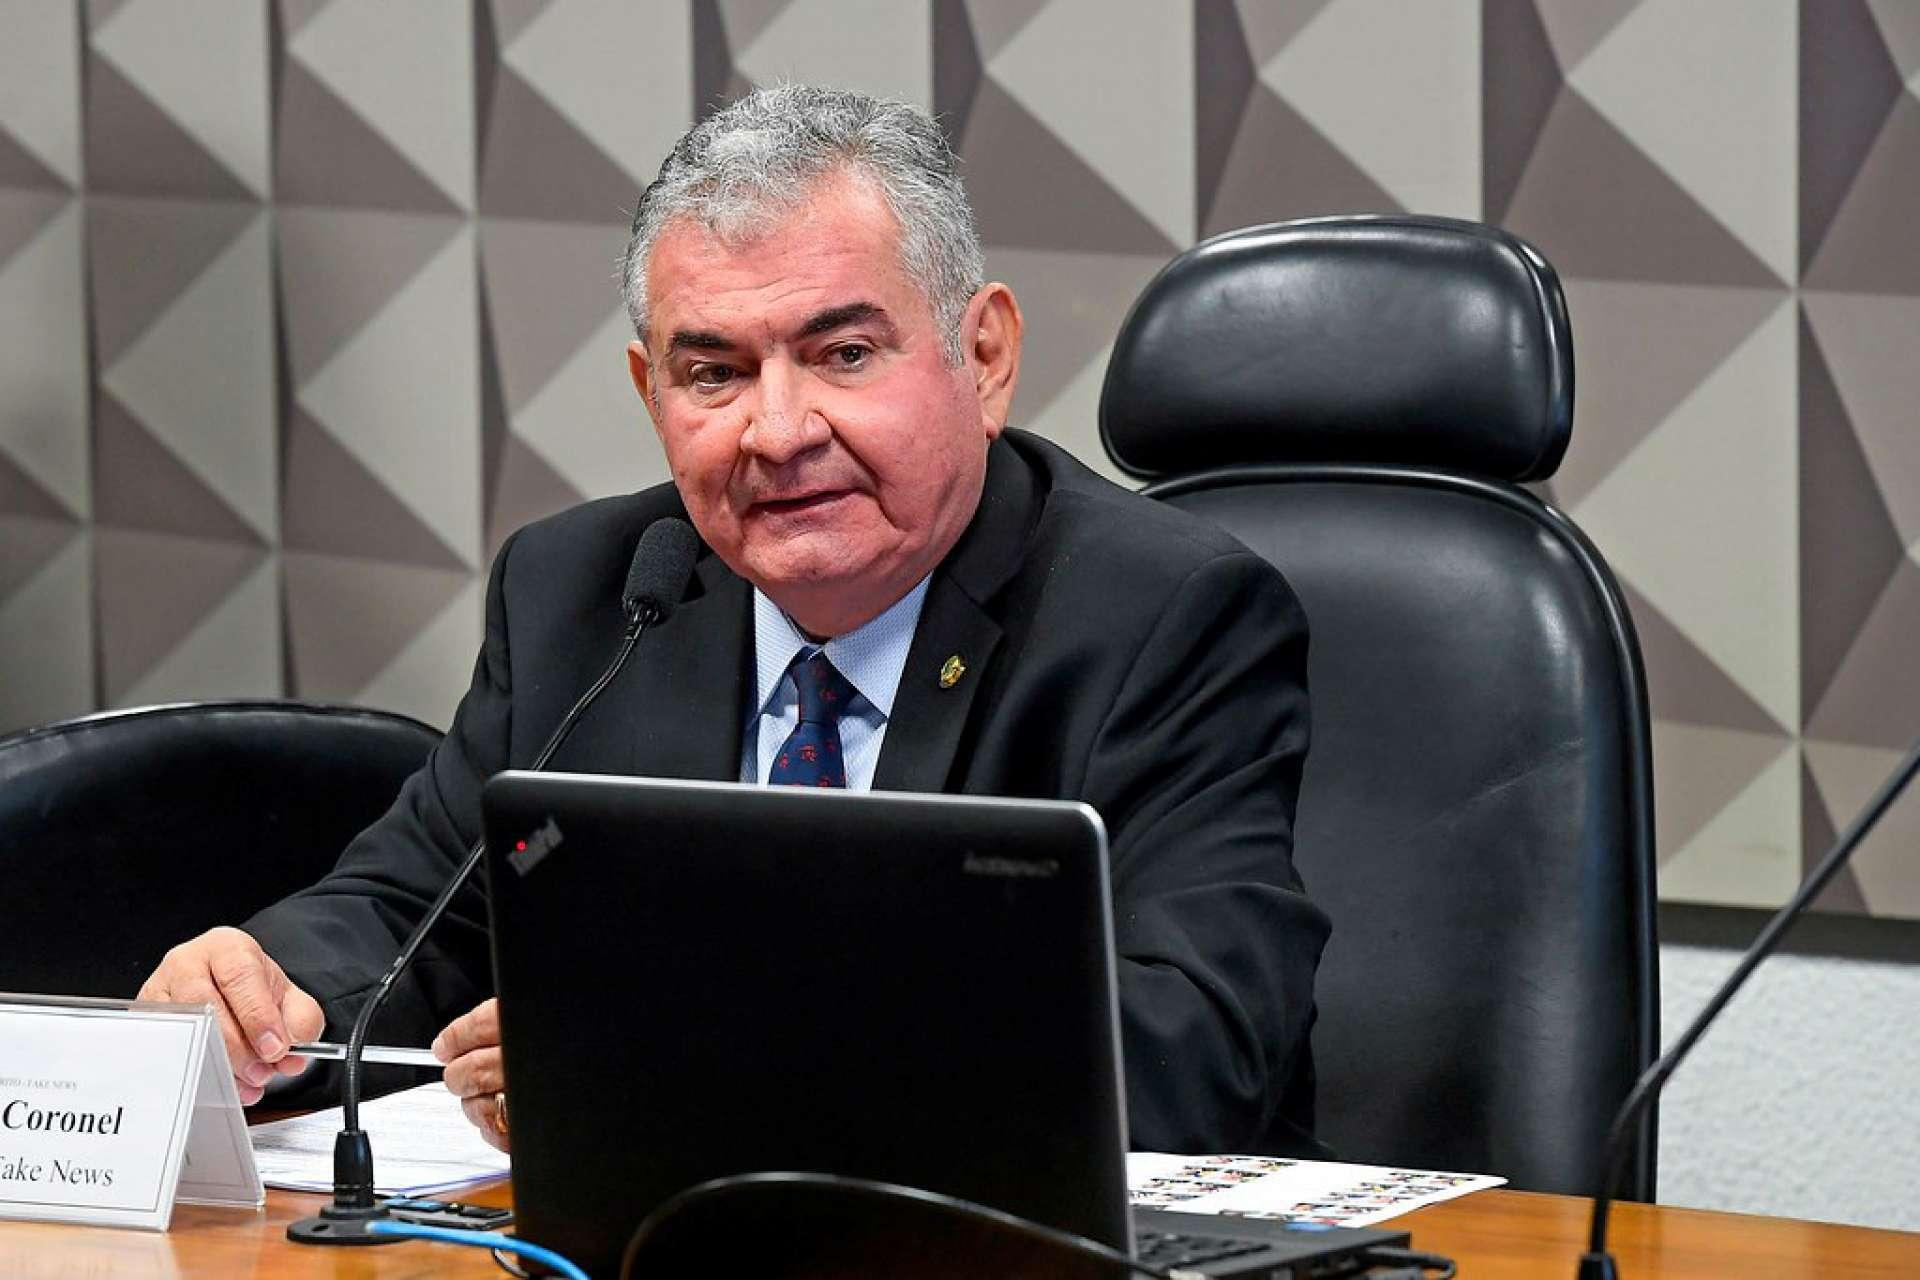 Angelo Coronel, senador baiano que foi relator do PL das fake news